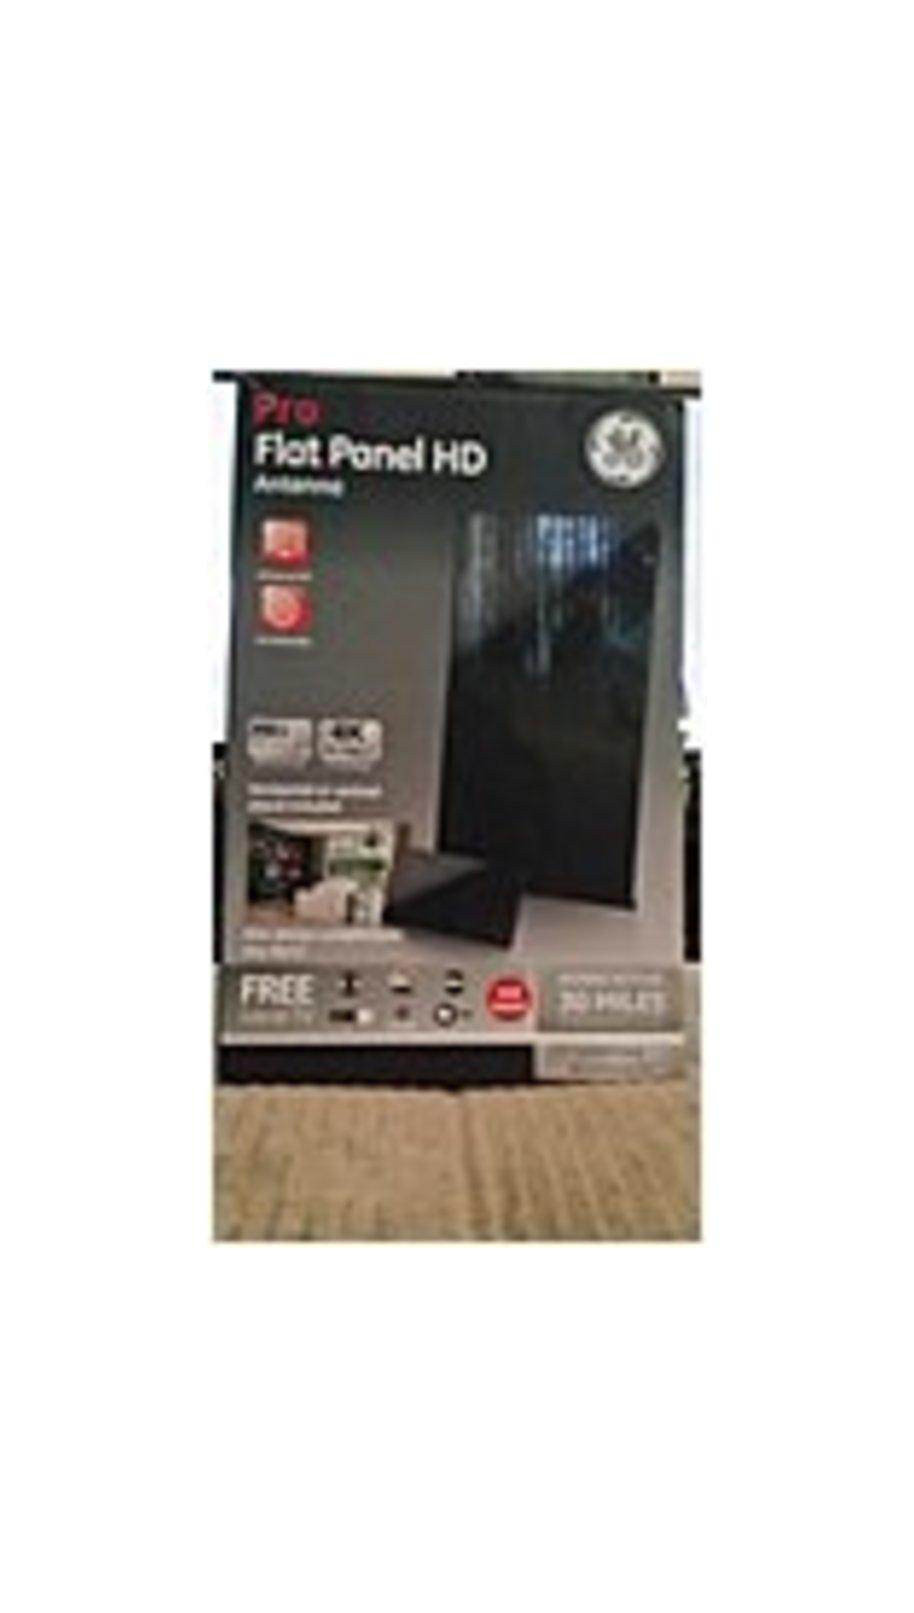 GE 33681 Pro Flat Panel Digital Indoor Passive Antenna